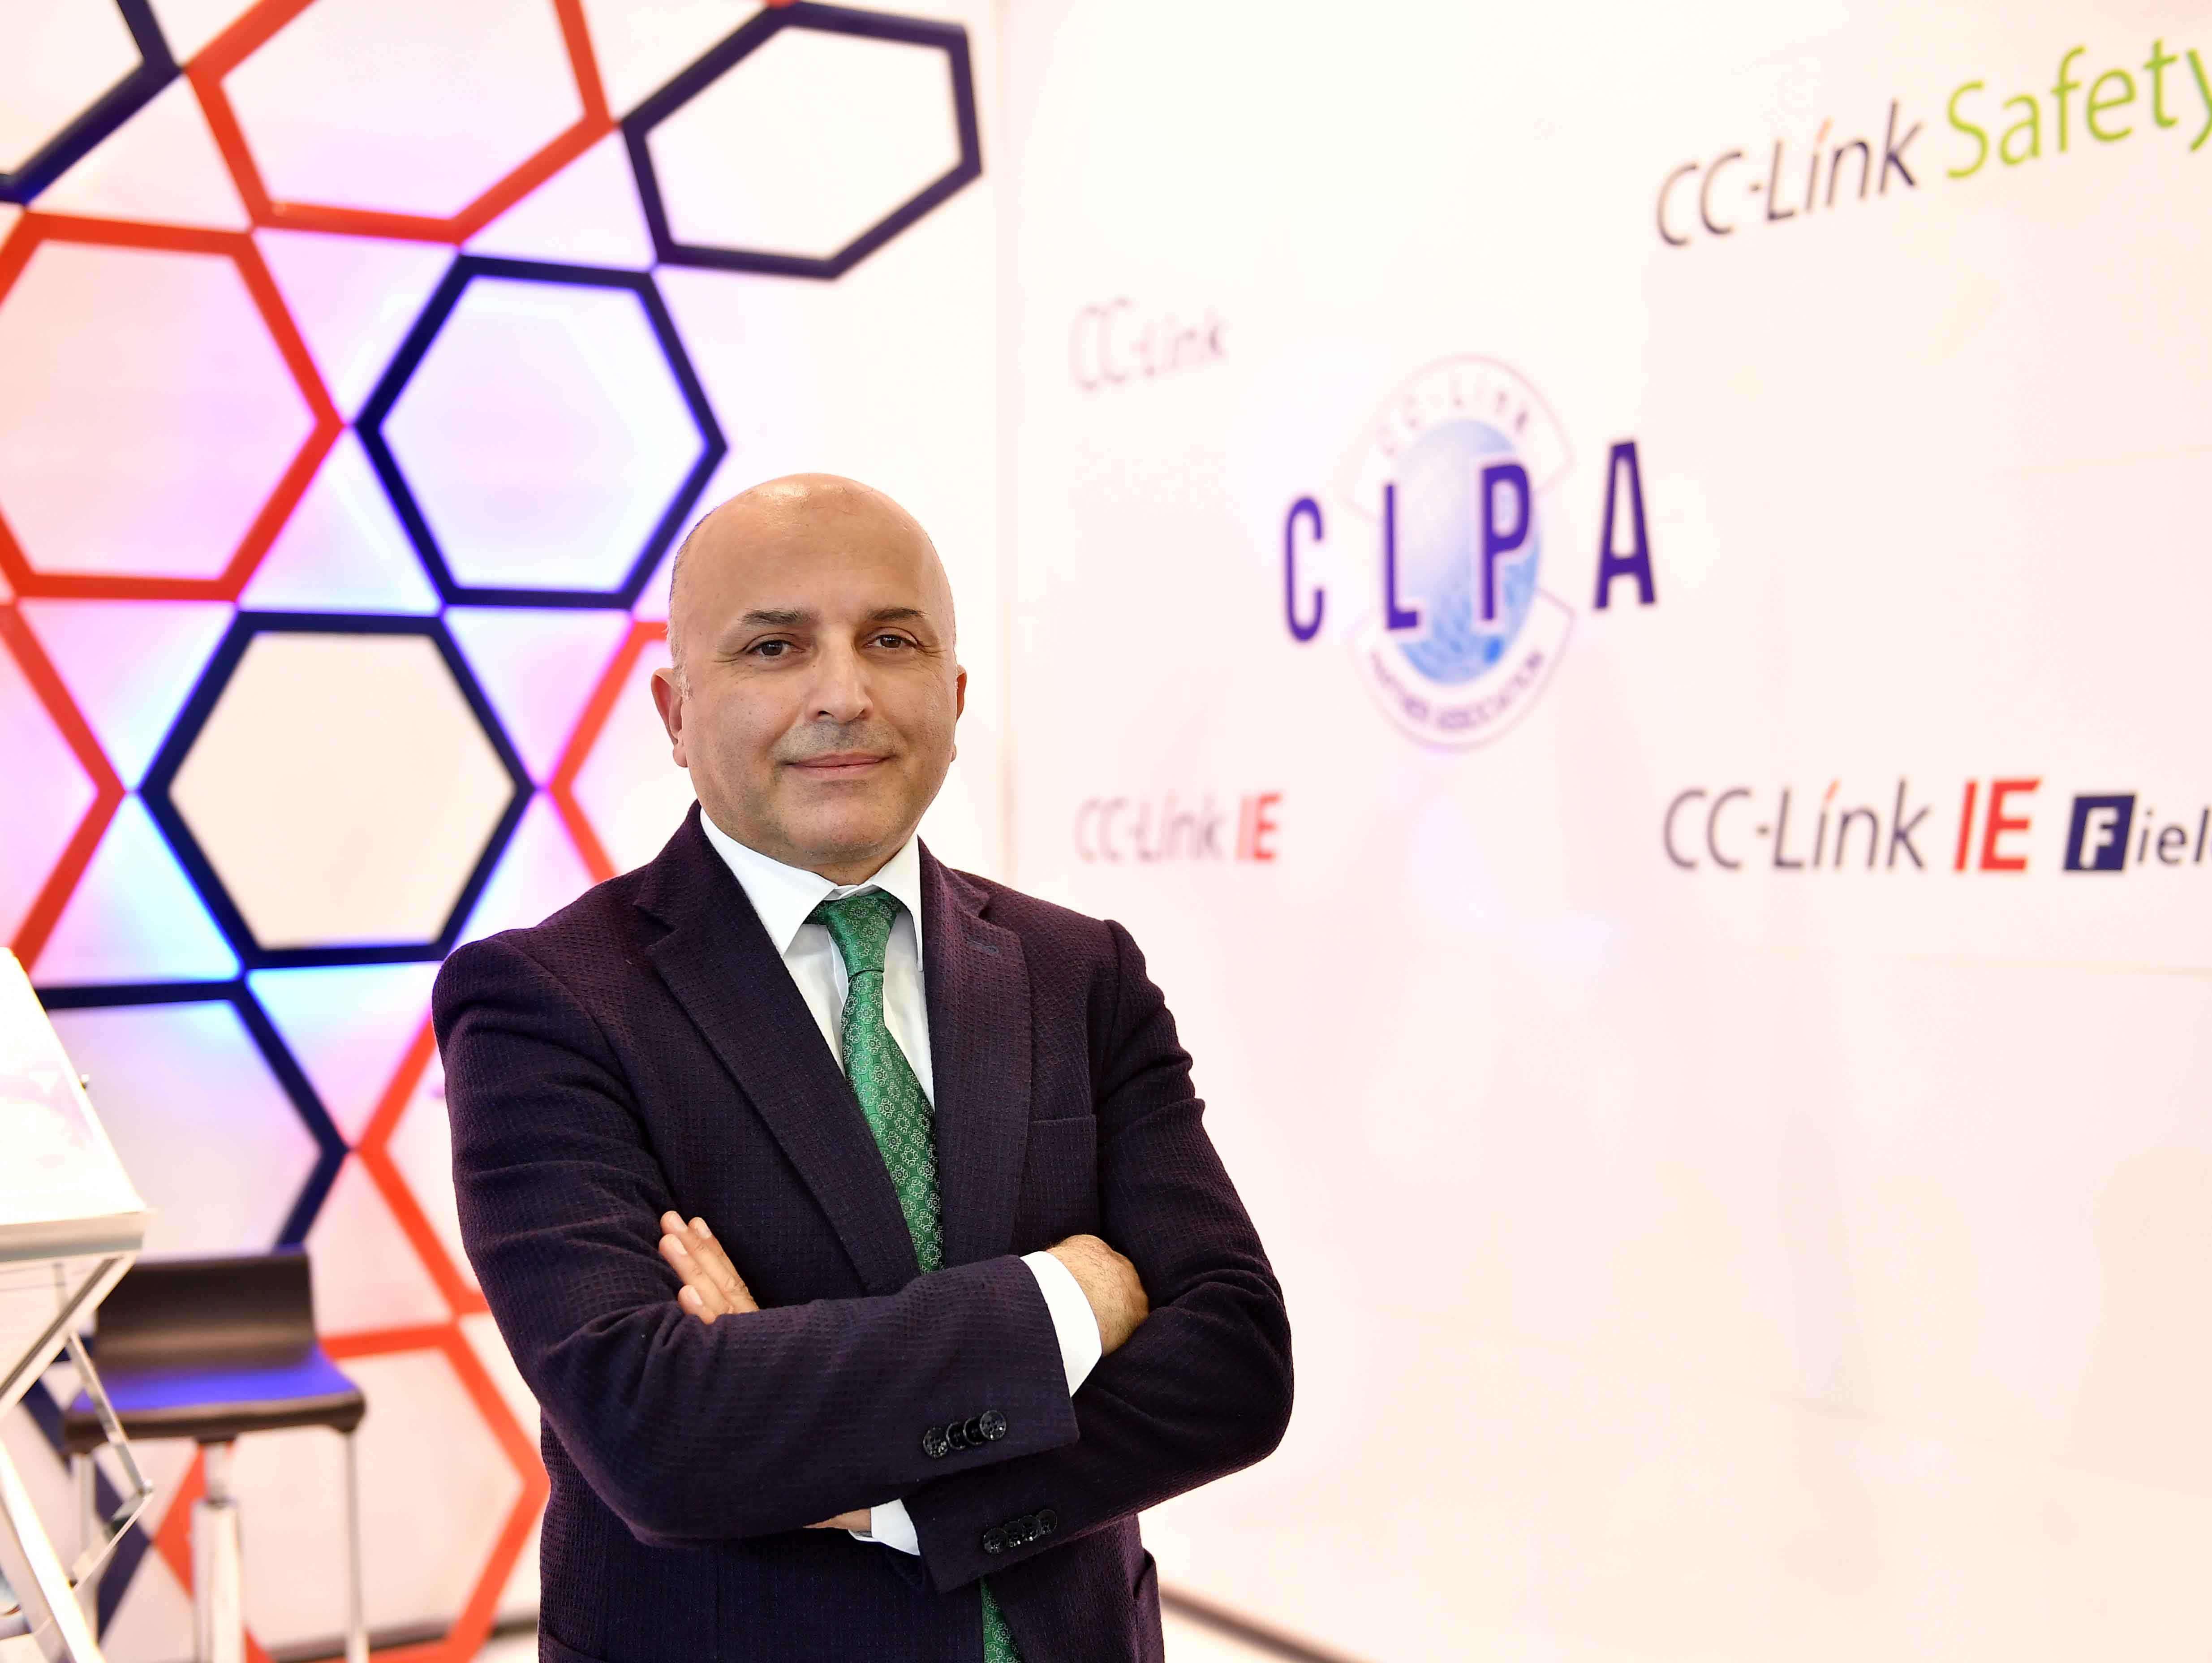 CLPA Endüstri 4.0 Röportajı